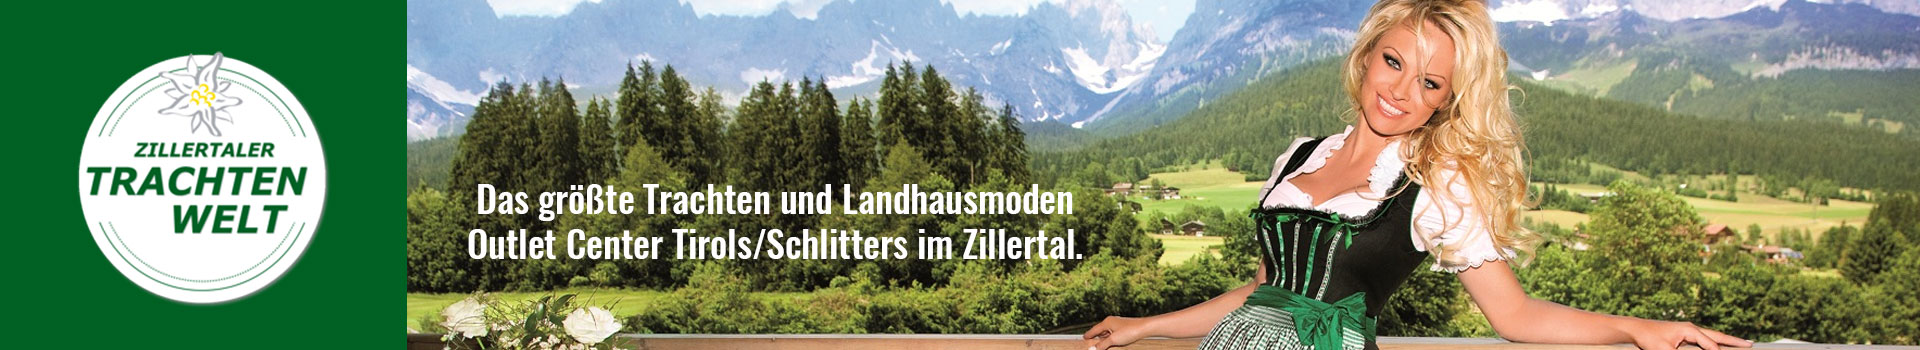 Banner Hotel Suchergebnisse 1920x350px – Trachtenwelt